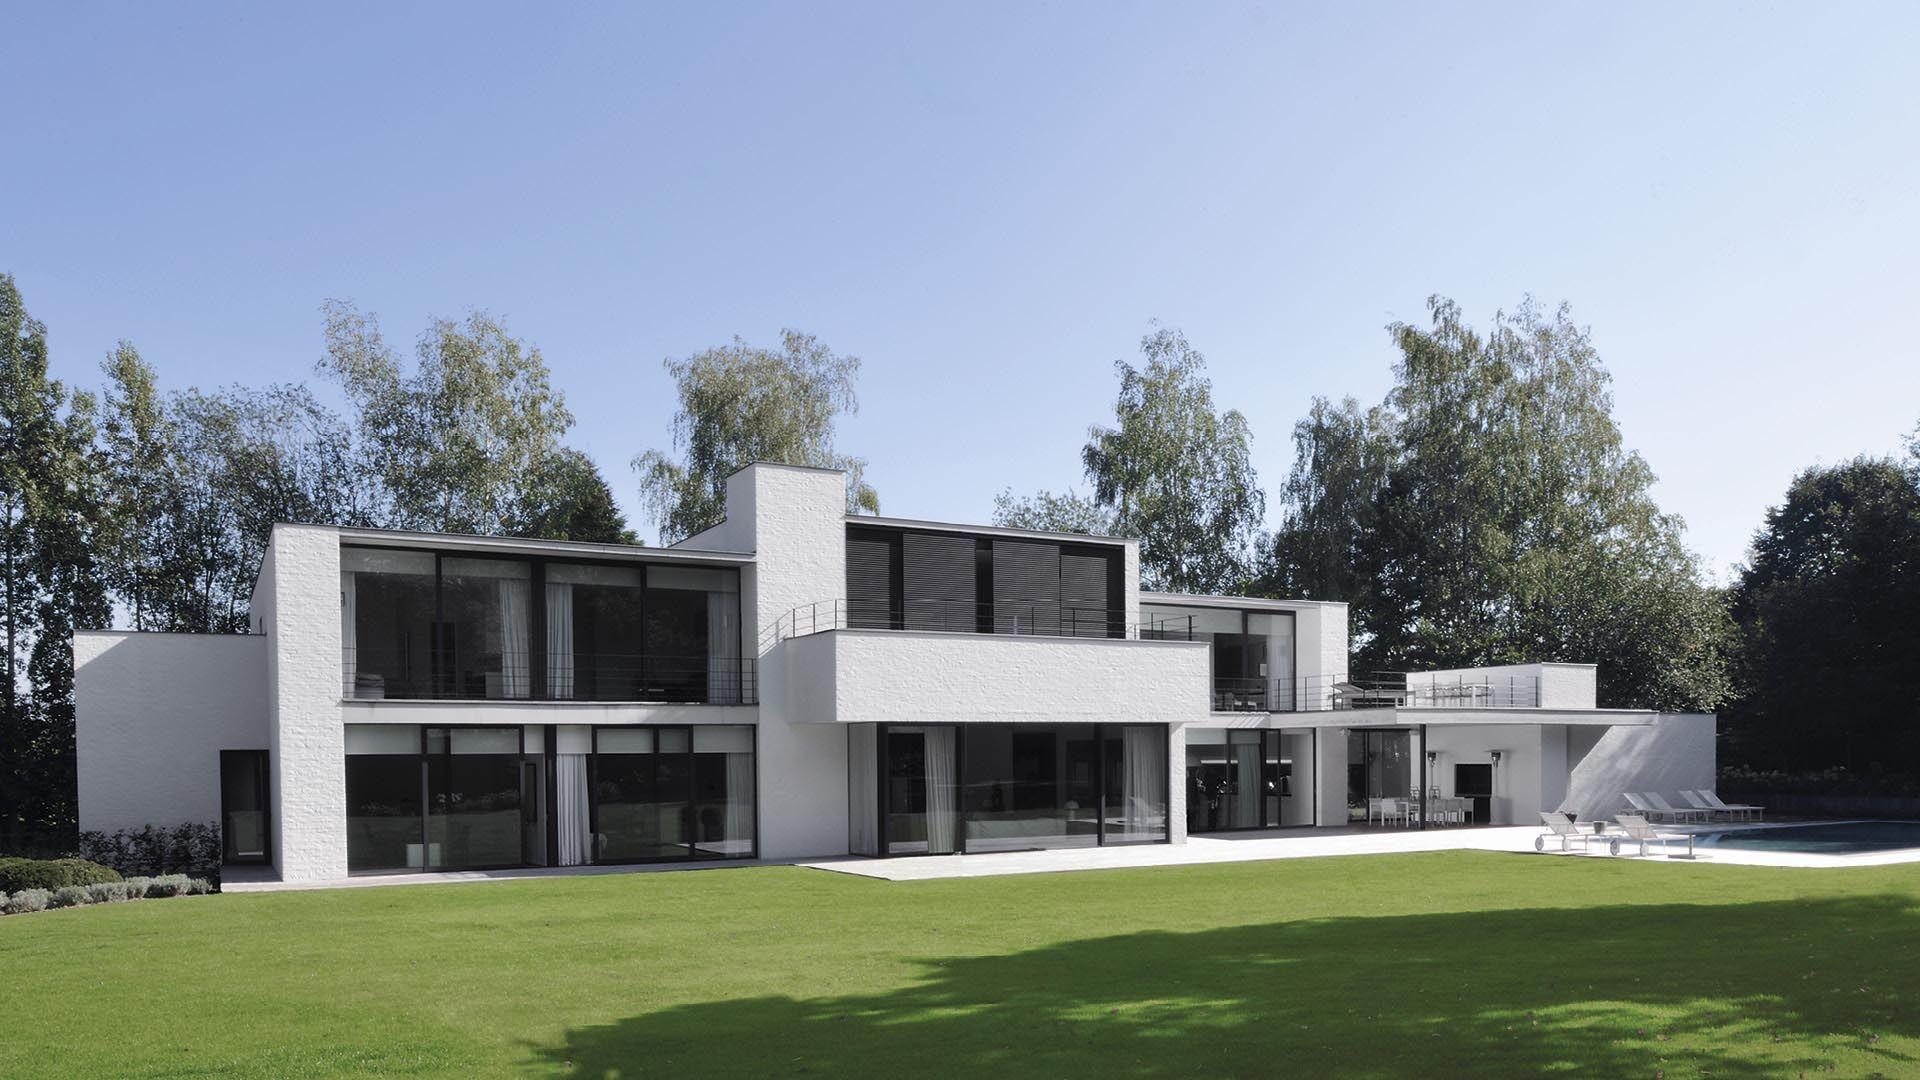 maison 3, uccle | .Architecture 01 | Pinterest | Architecture ...